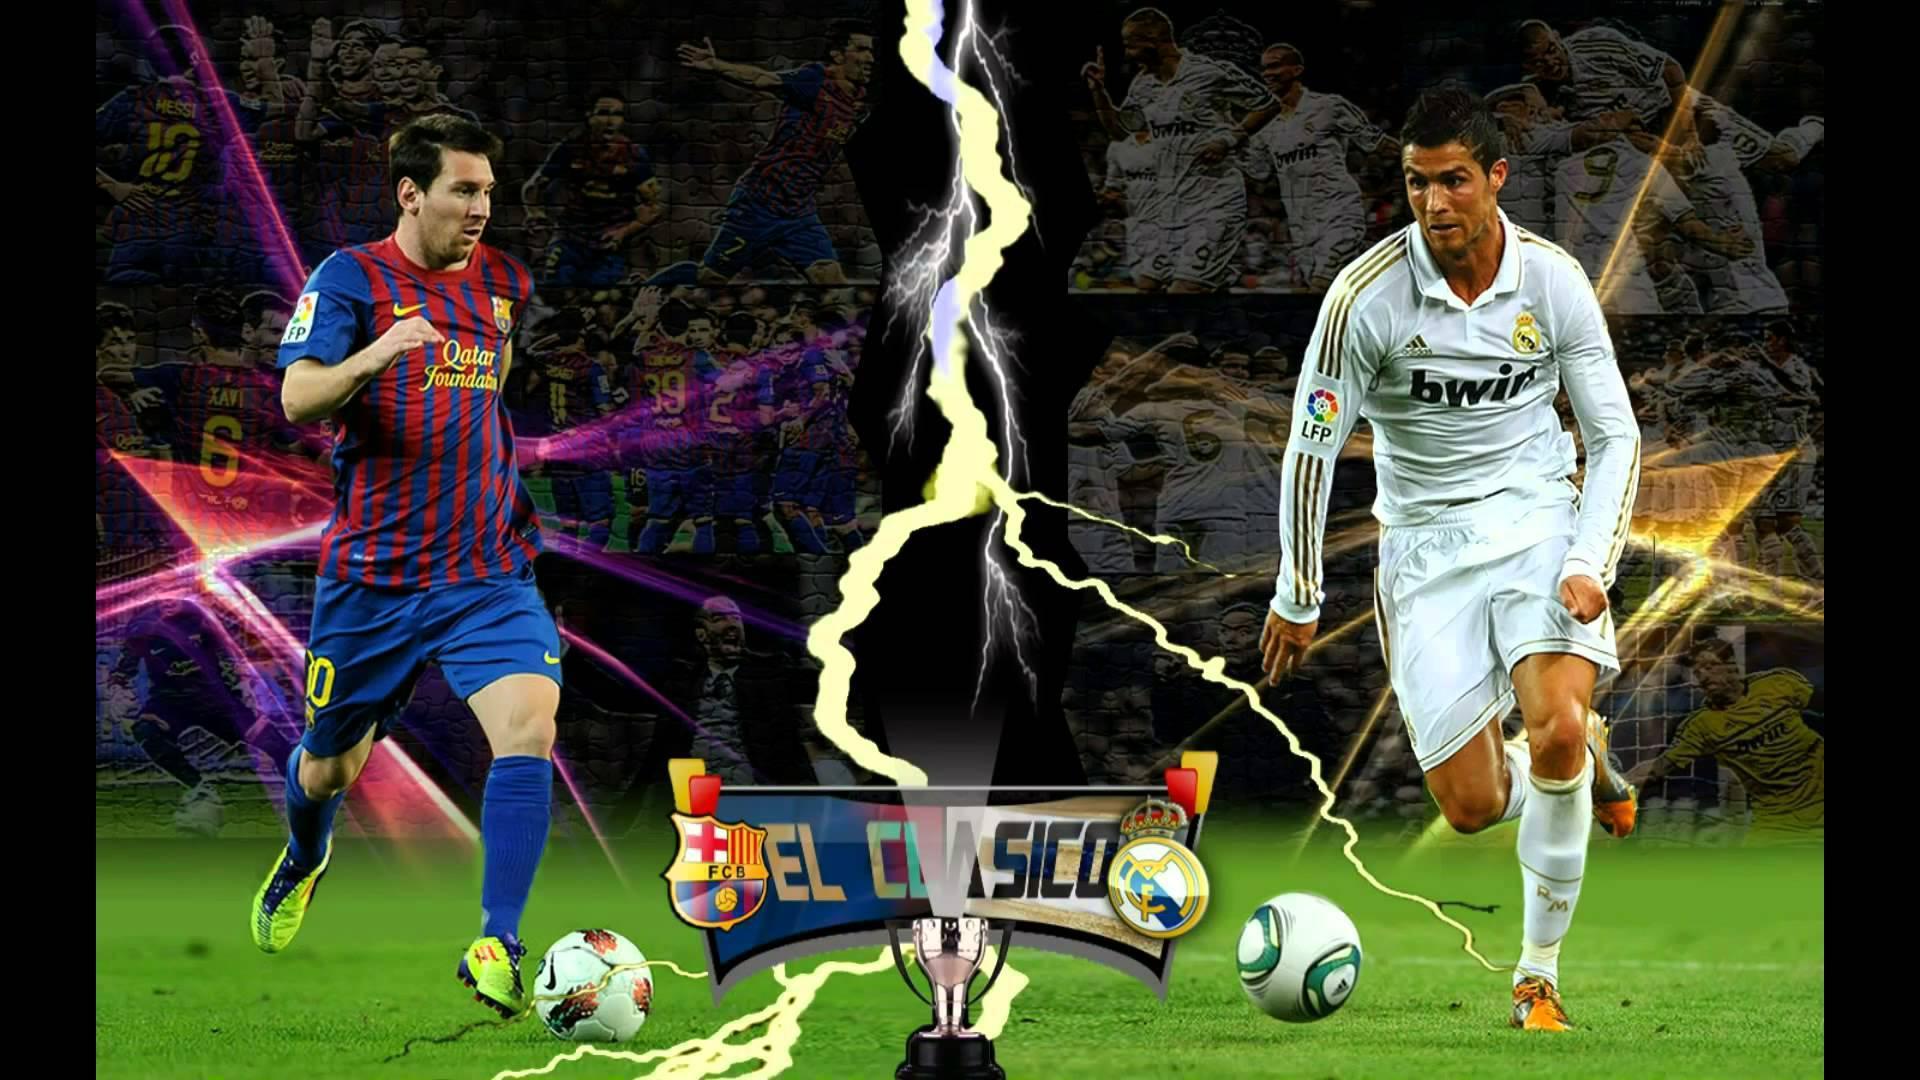 Cristiano Ronaldo vs Lionel Messi   El Clasico HD desktop wallpaper 1920x1080